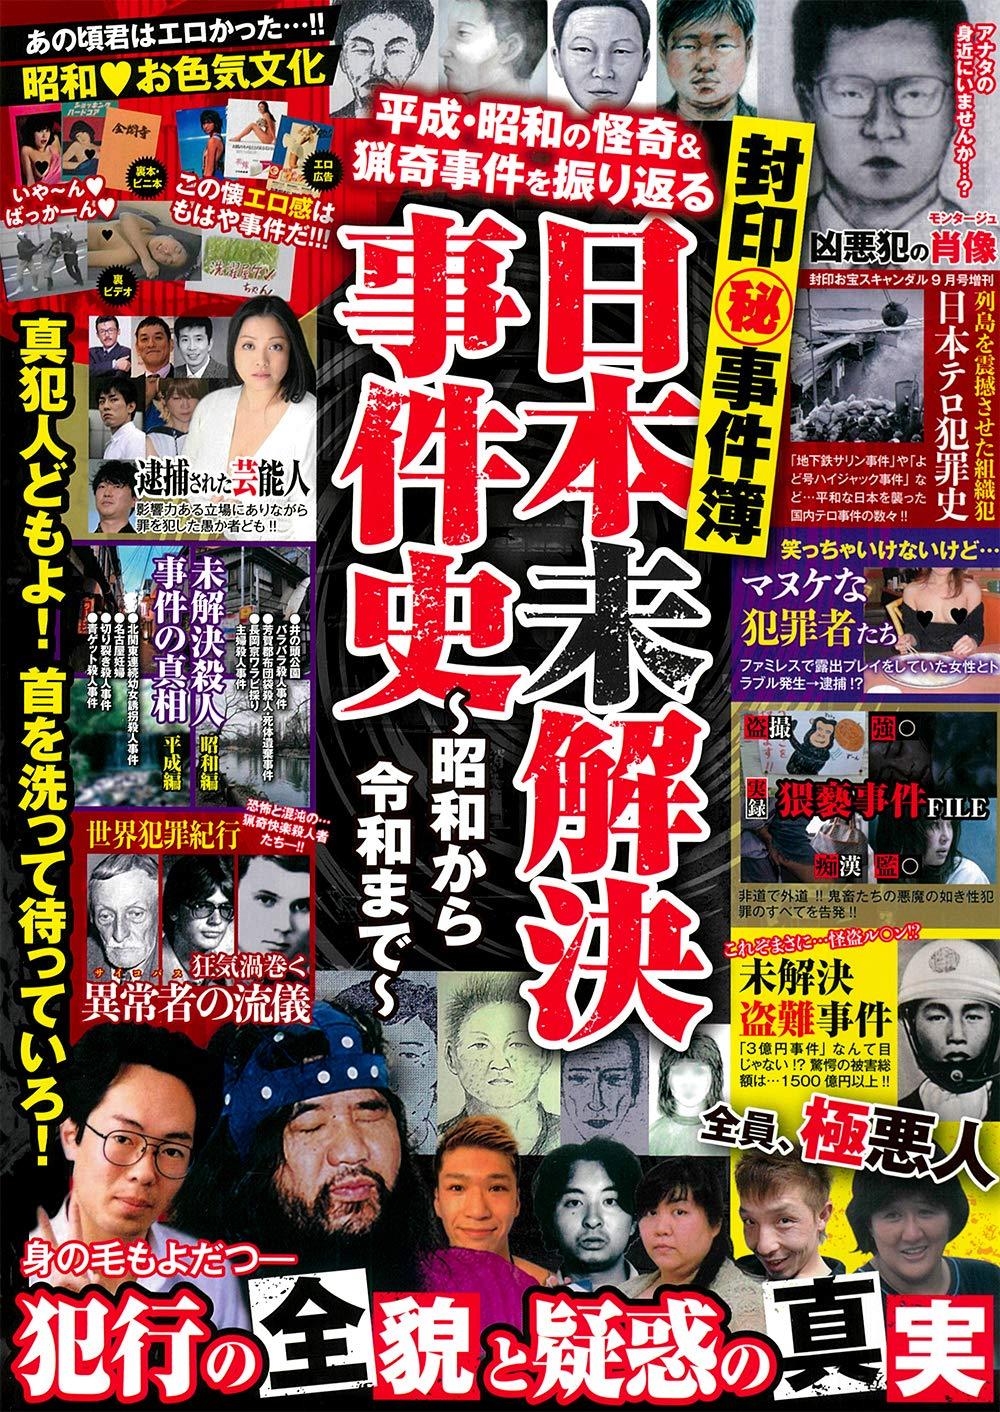 凶悪 事件 簿 日本